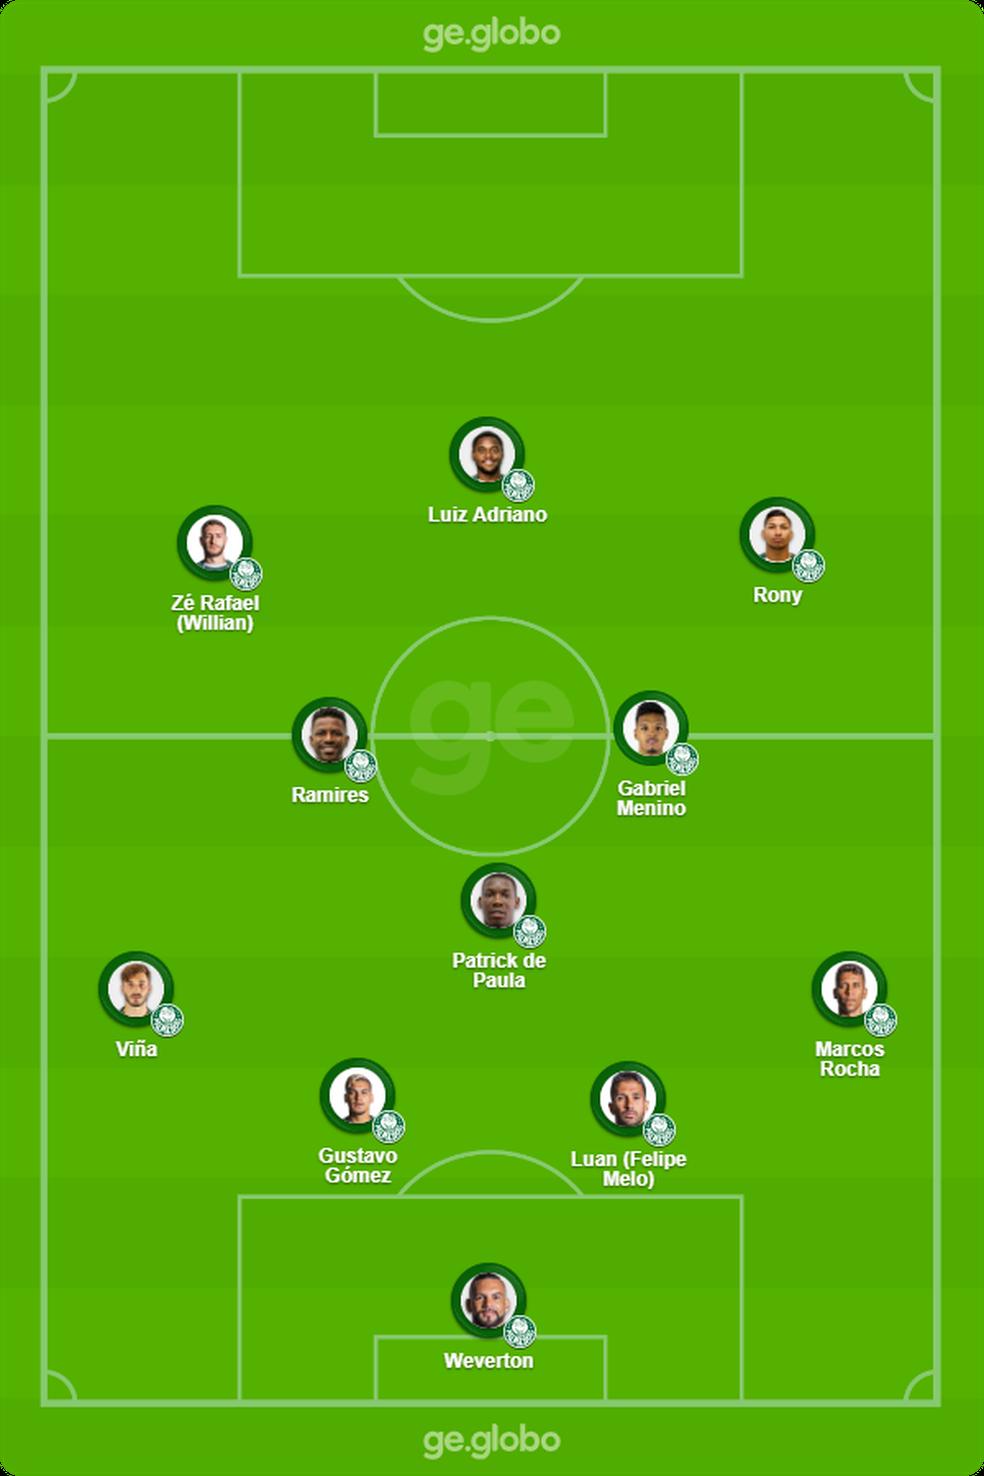 Provável escalação do Palmeiras para enfrentar o Corinthians — Foto: ge